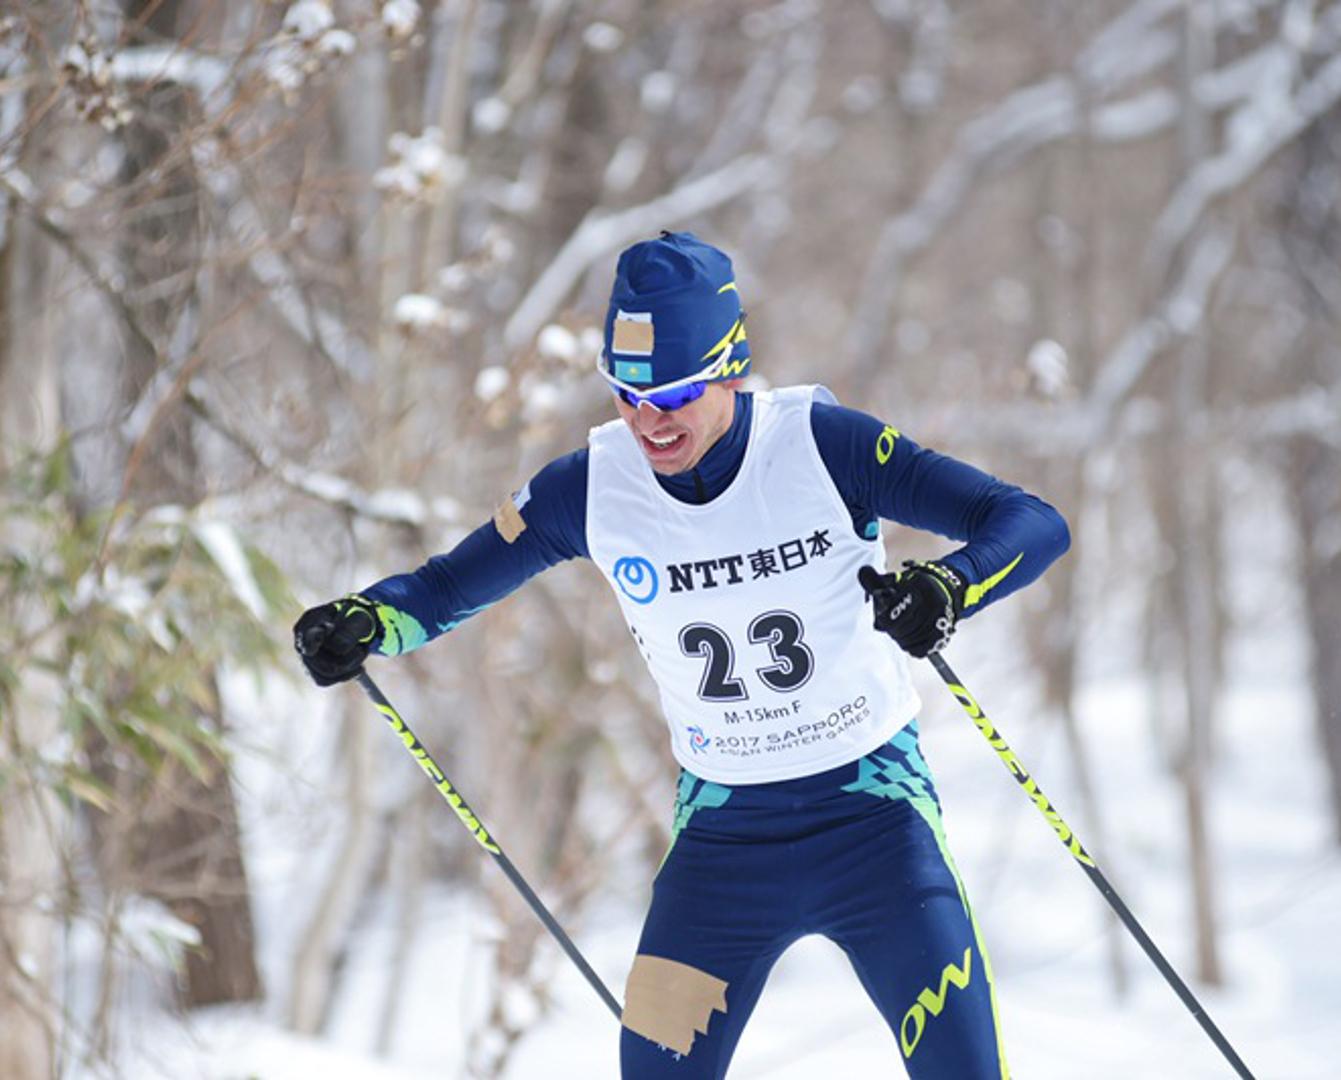 Азиада-2017: Ринат Мухин завоевал первое золото для Казахстана